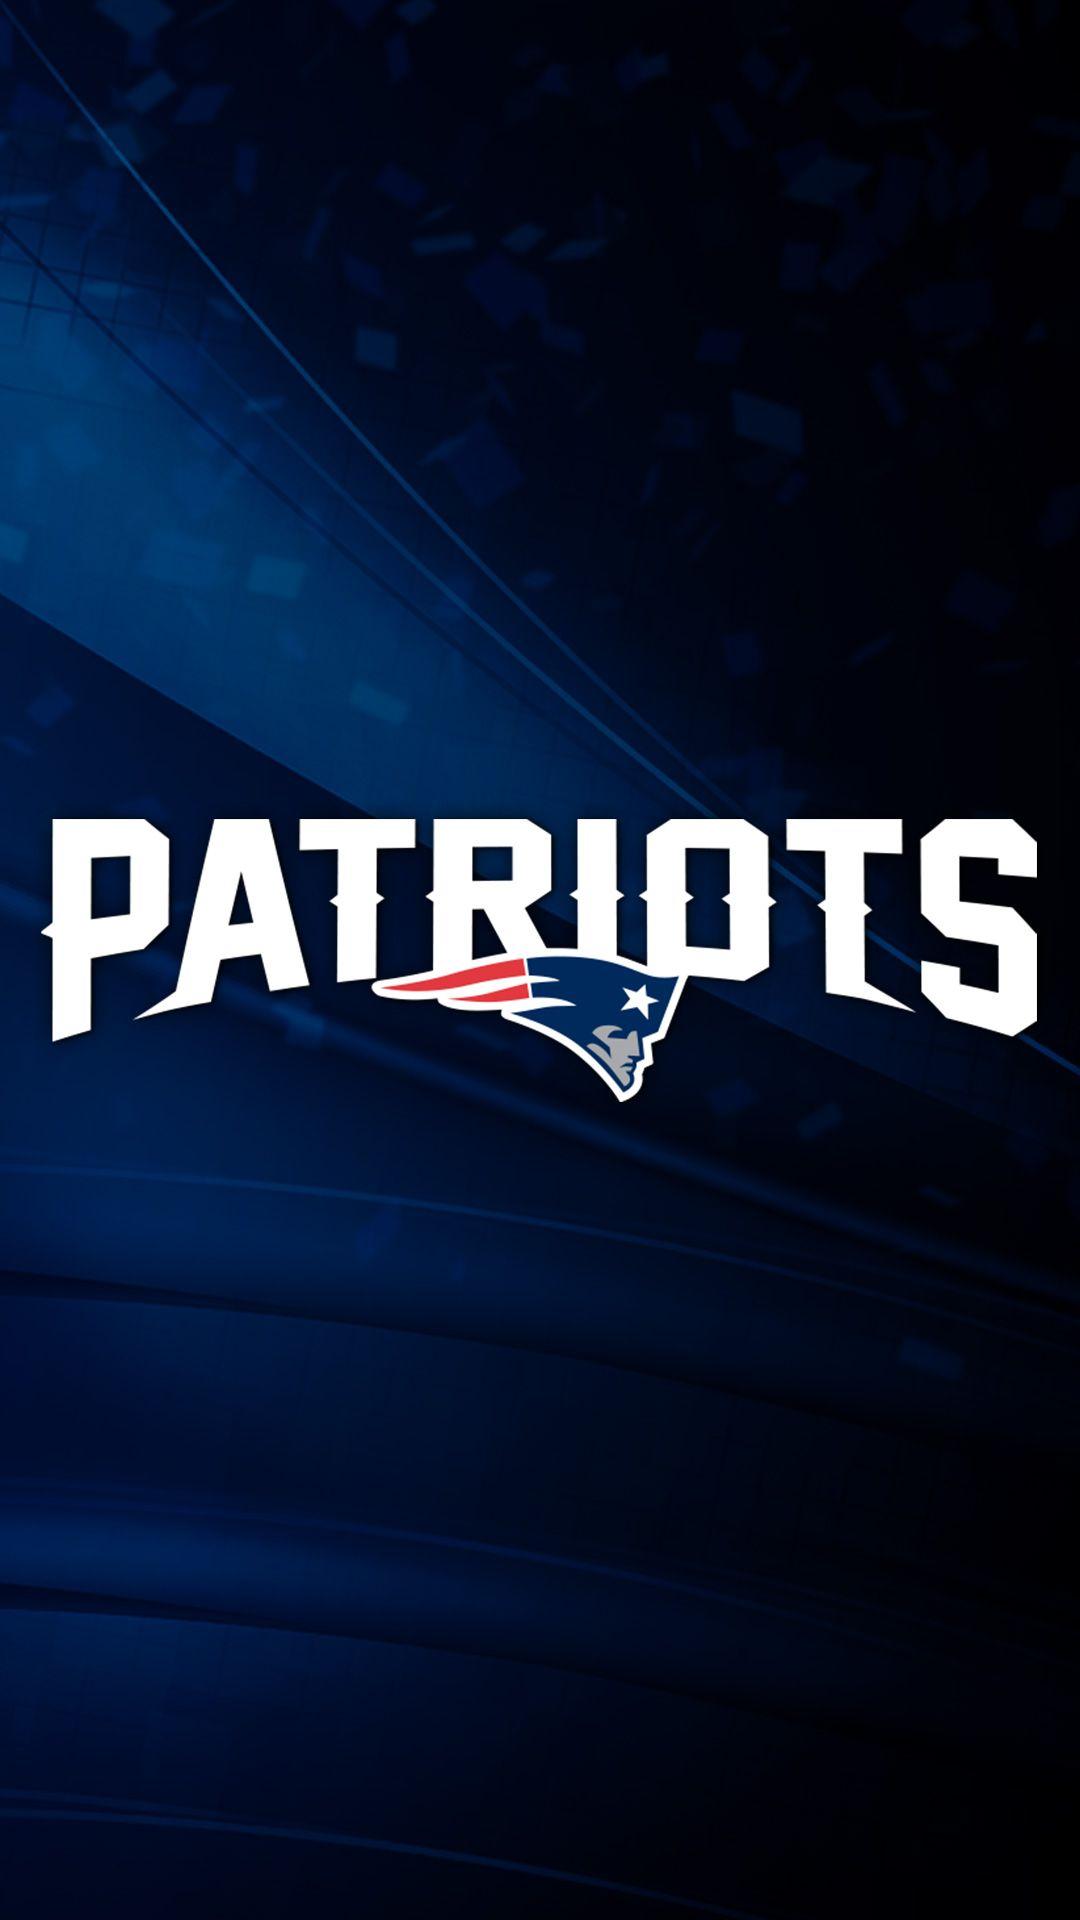 Patriots Wallpaper Iphone6 New England Patriots Logo New England Patriots Wallpaper New England Patriots